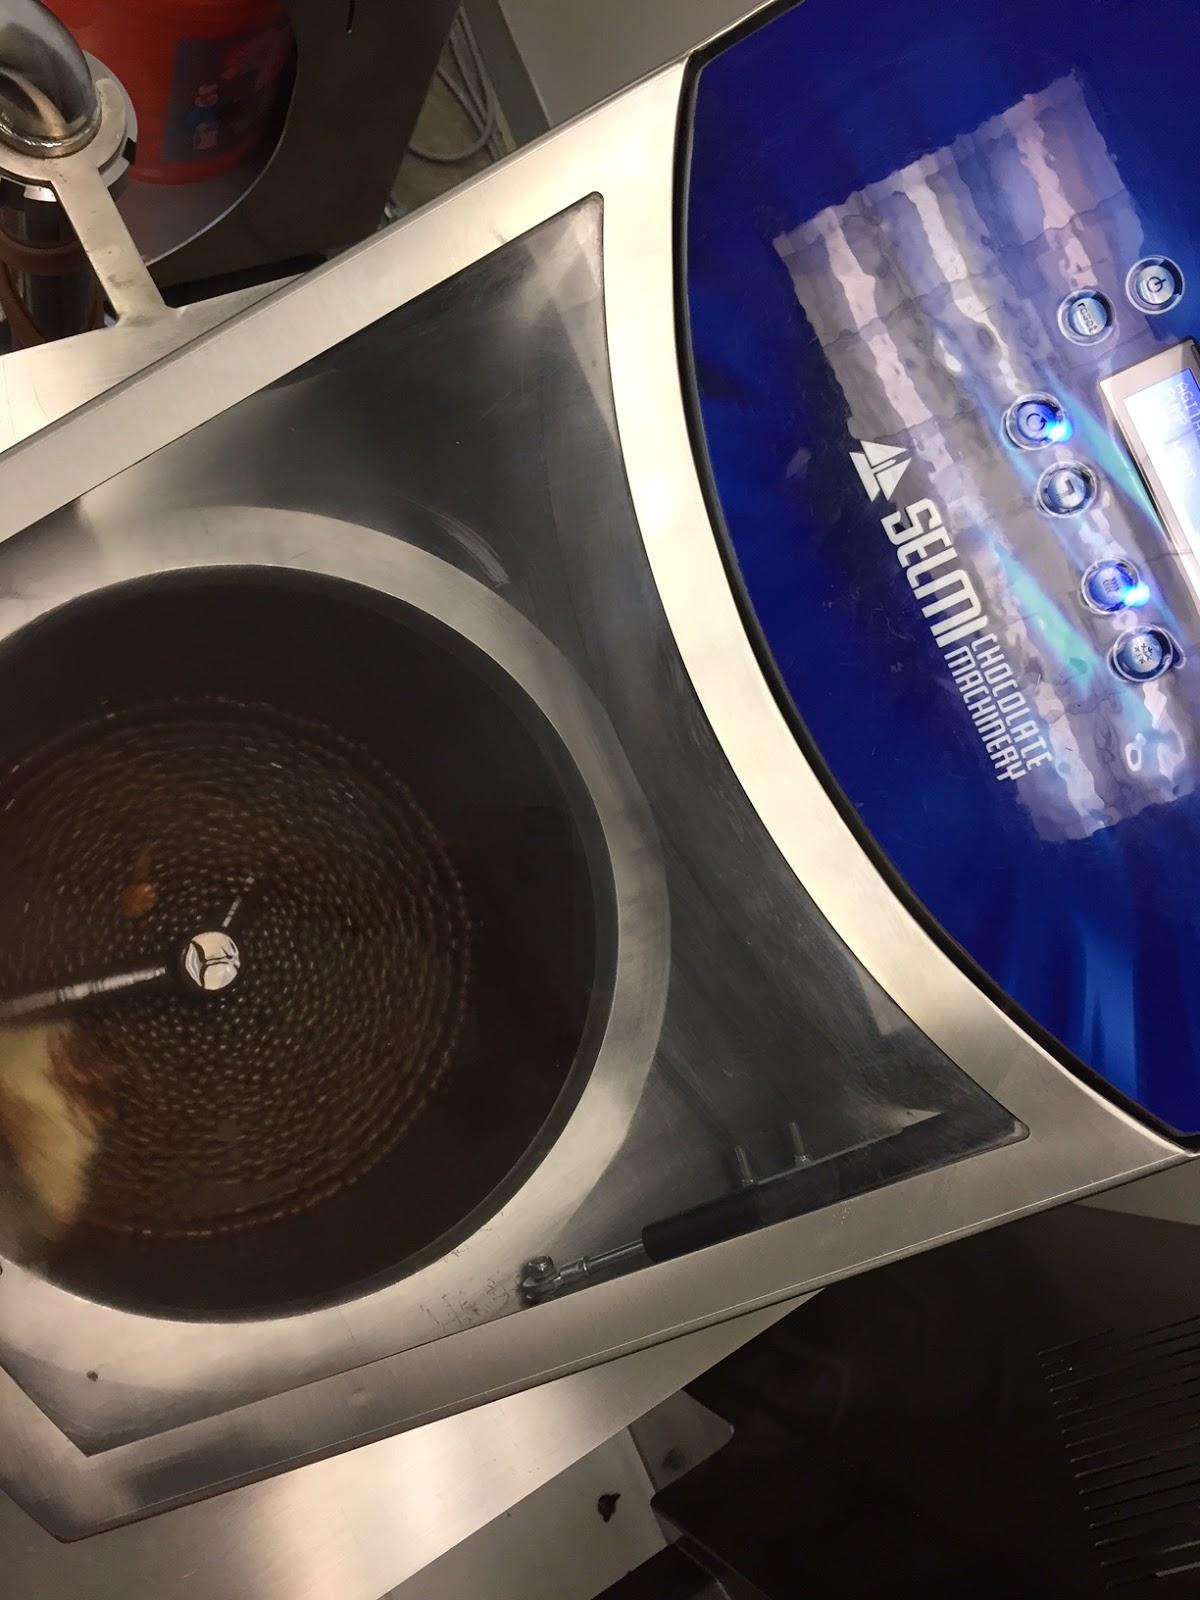 Chocolate making machines in bangalore dating